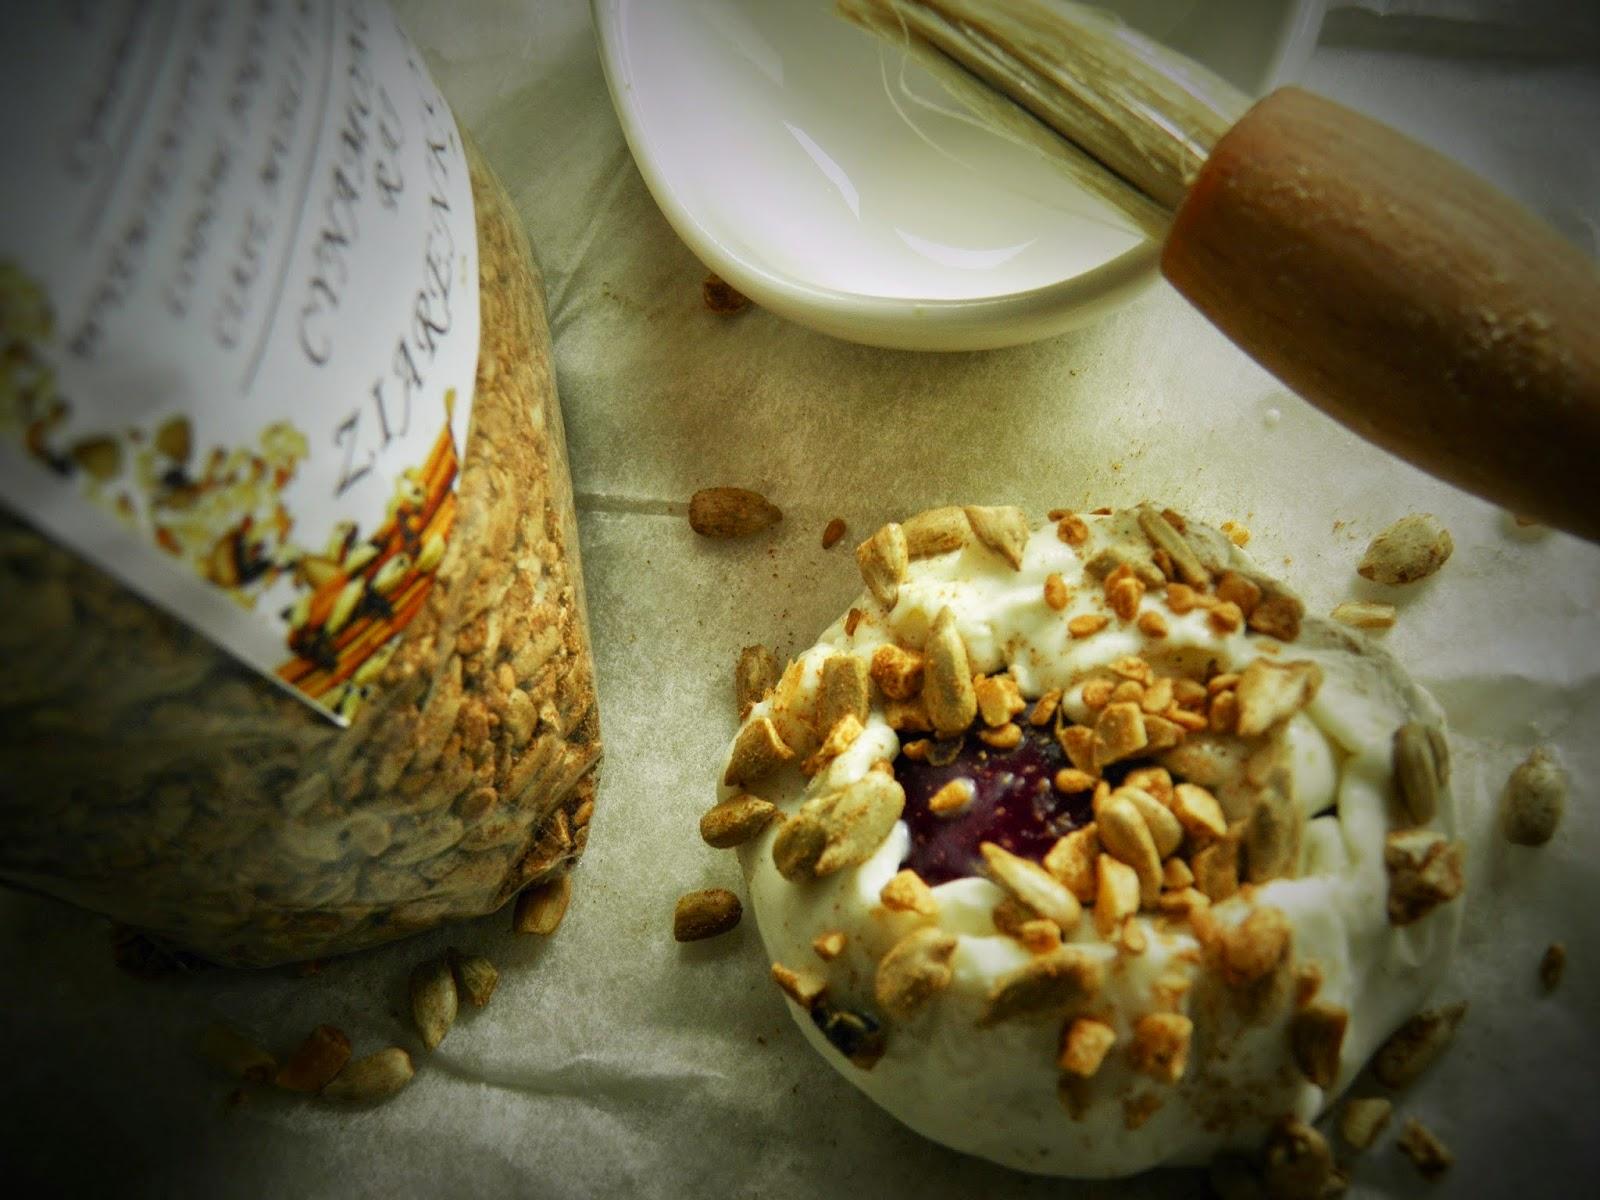 Ciasteczka ze śliwką i cynamonem - przygotowanie 4